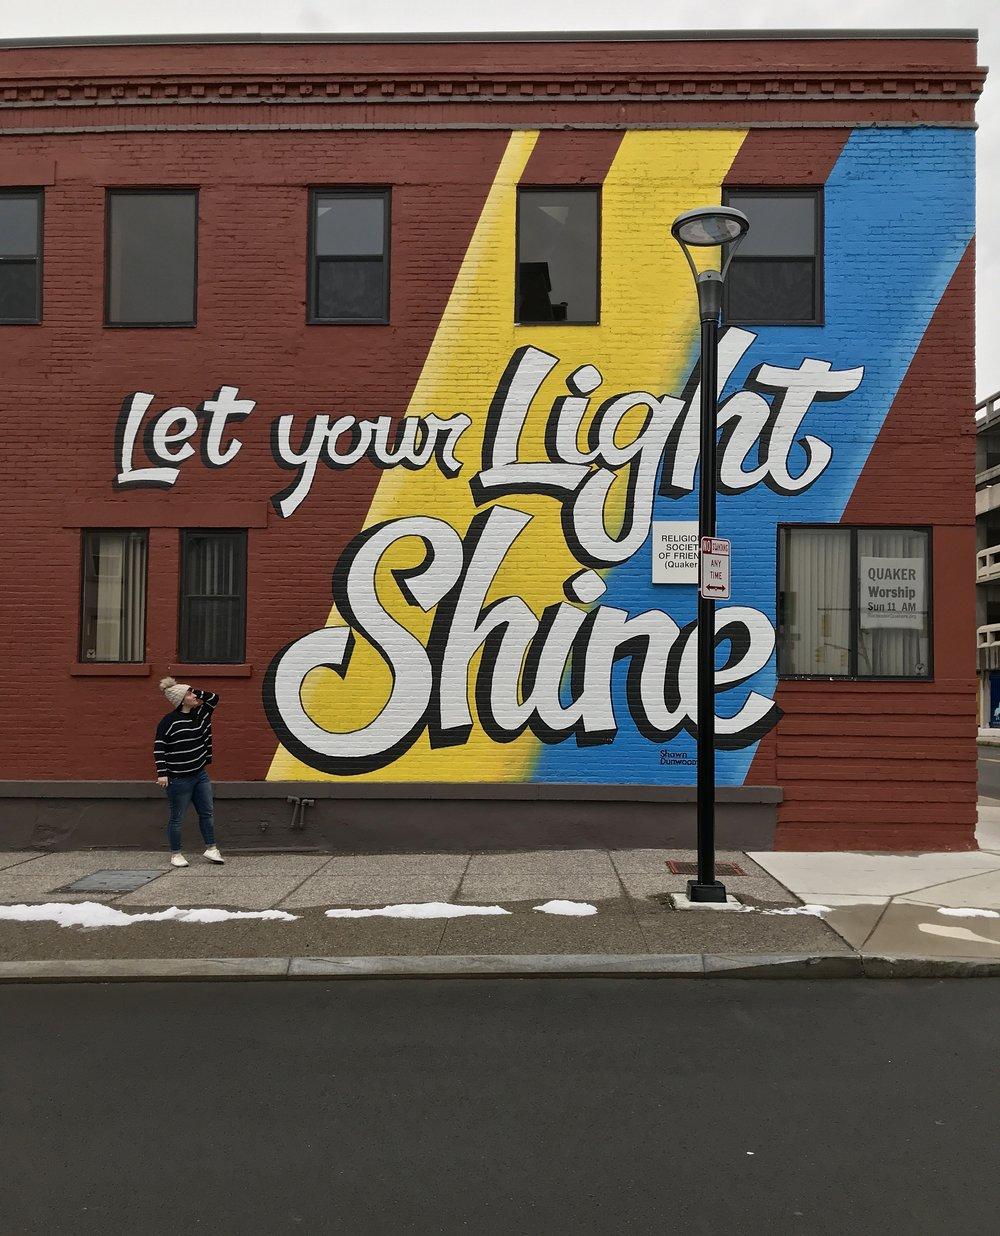 Let Your Light Shine Mural | Best Murals in Rochester, NY | Emily Malkowski Blog